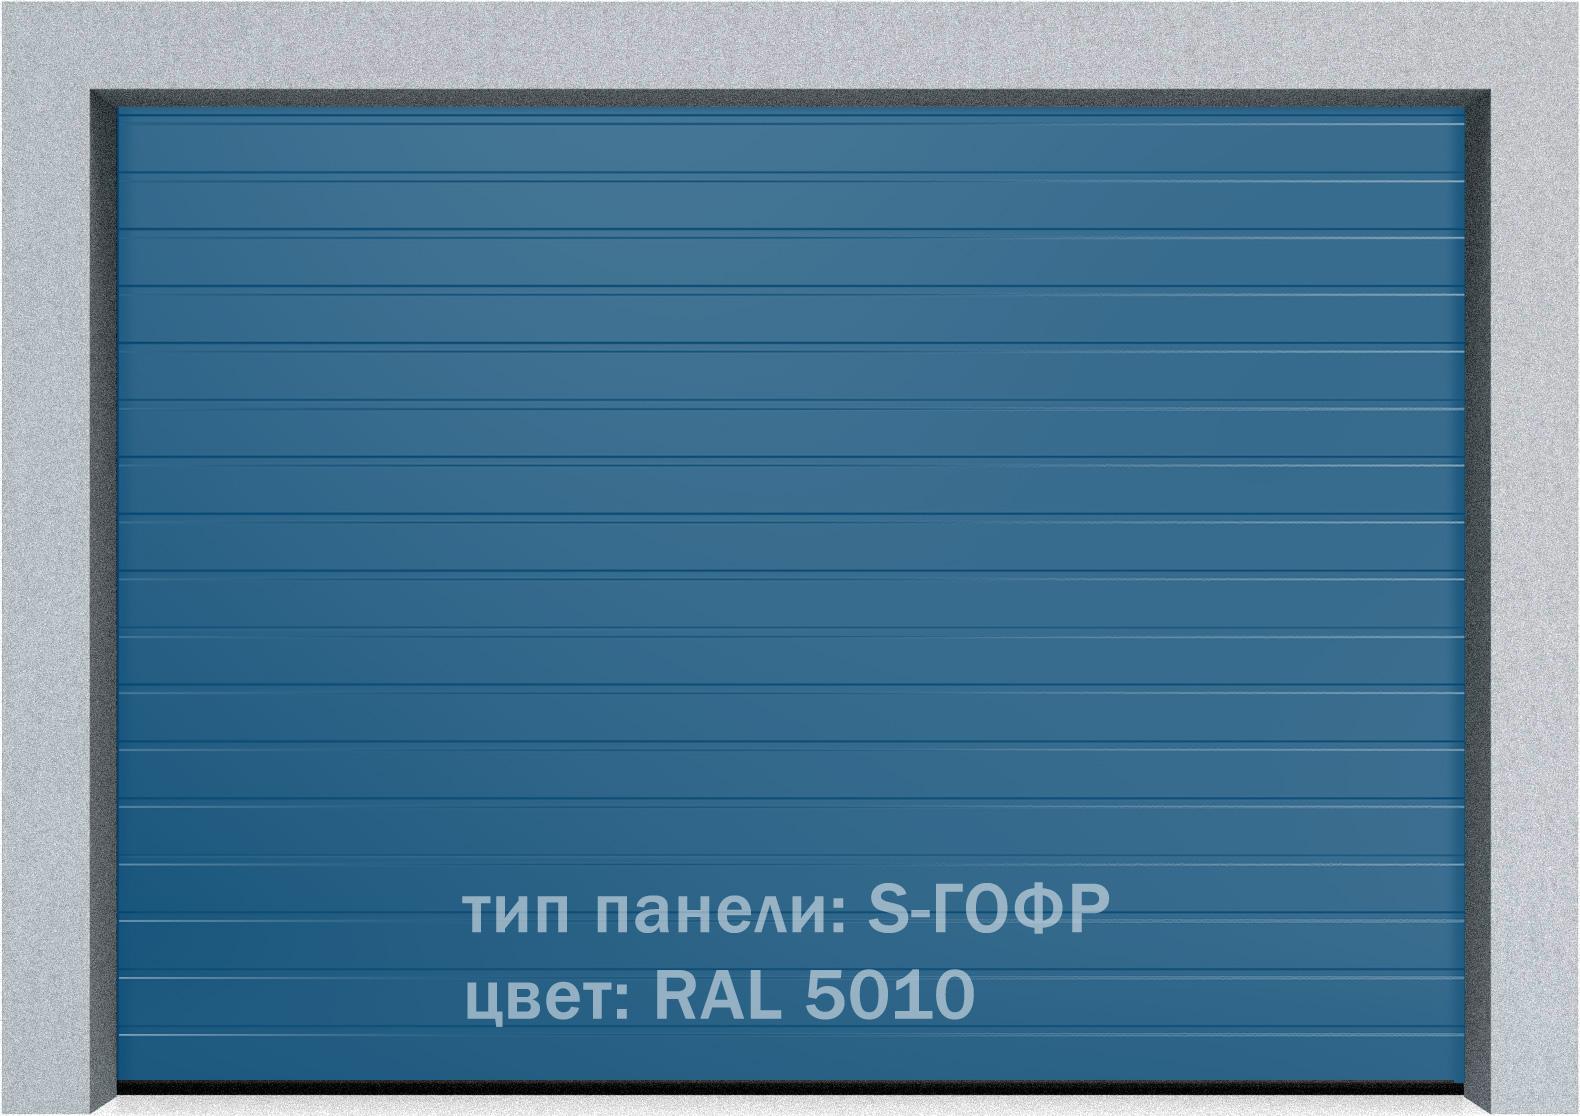 Секционные промышленные ворота Alutech ProTrend 2500х2000 S-гофр, Микроволна стандартные цвета, фото 6